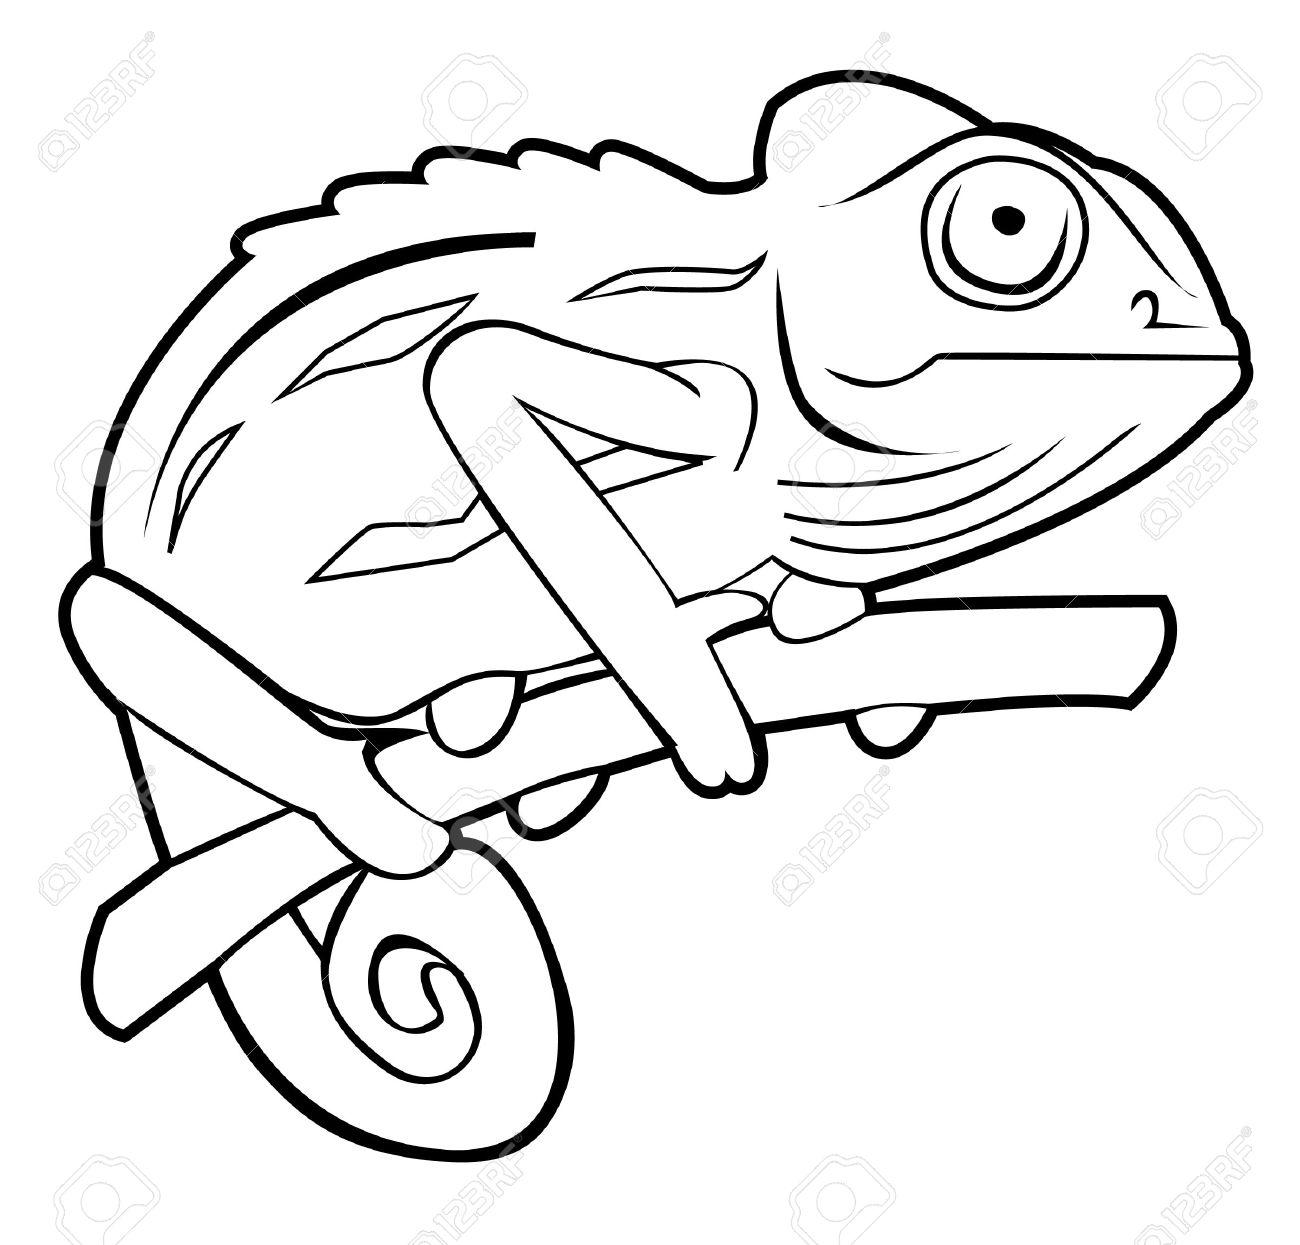 chameleon - 17444560